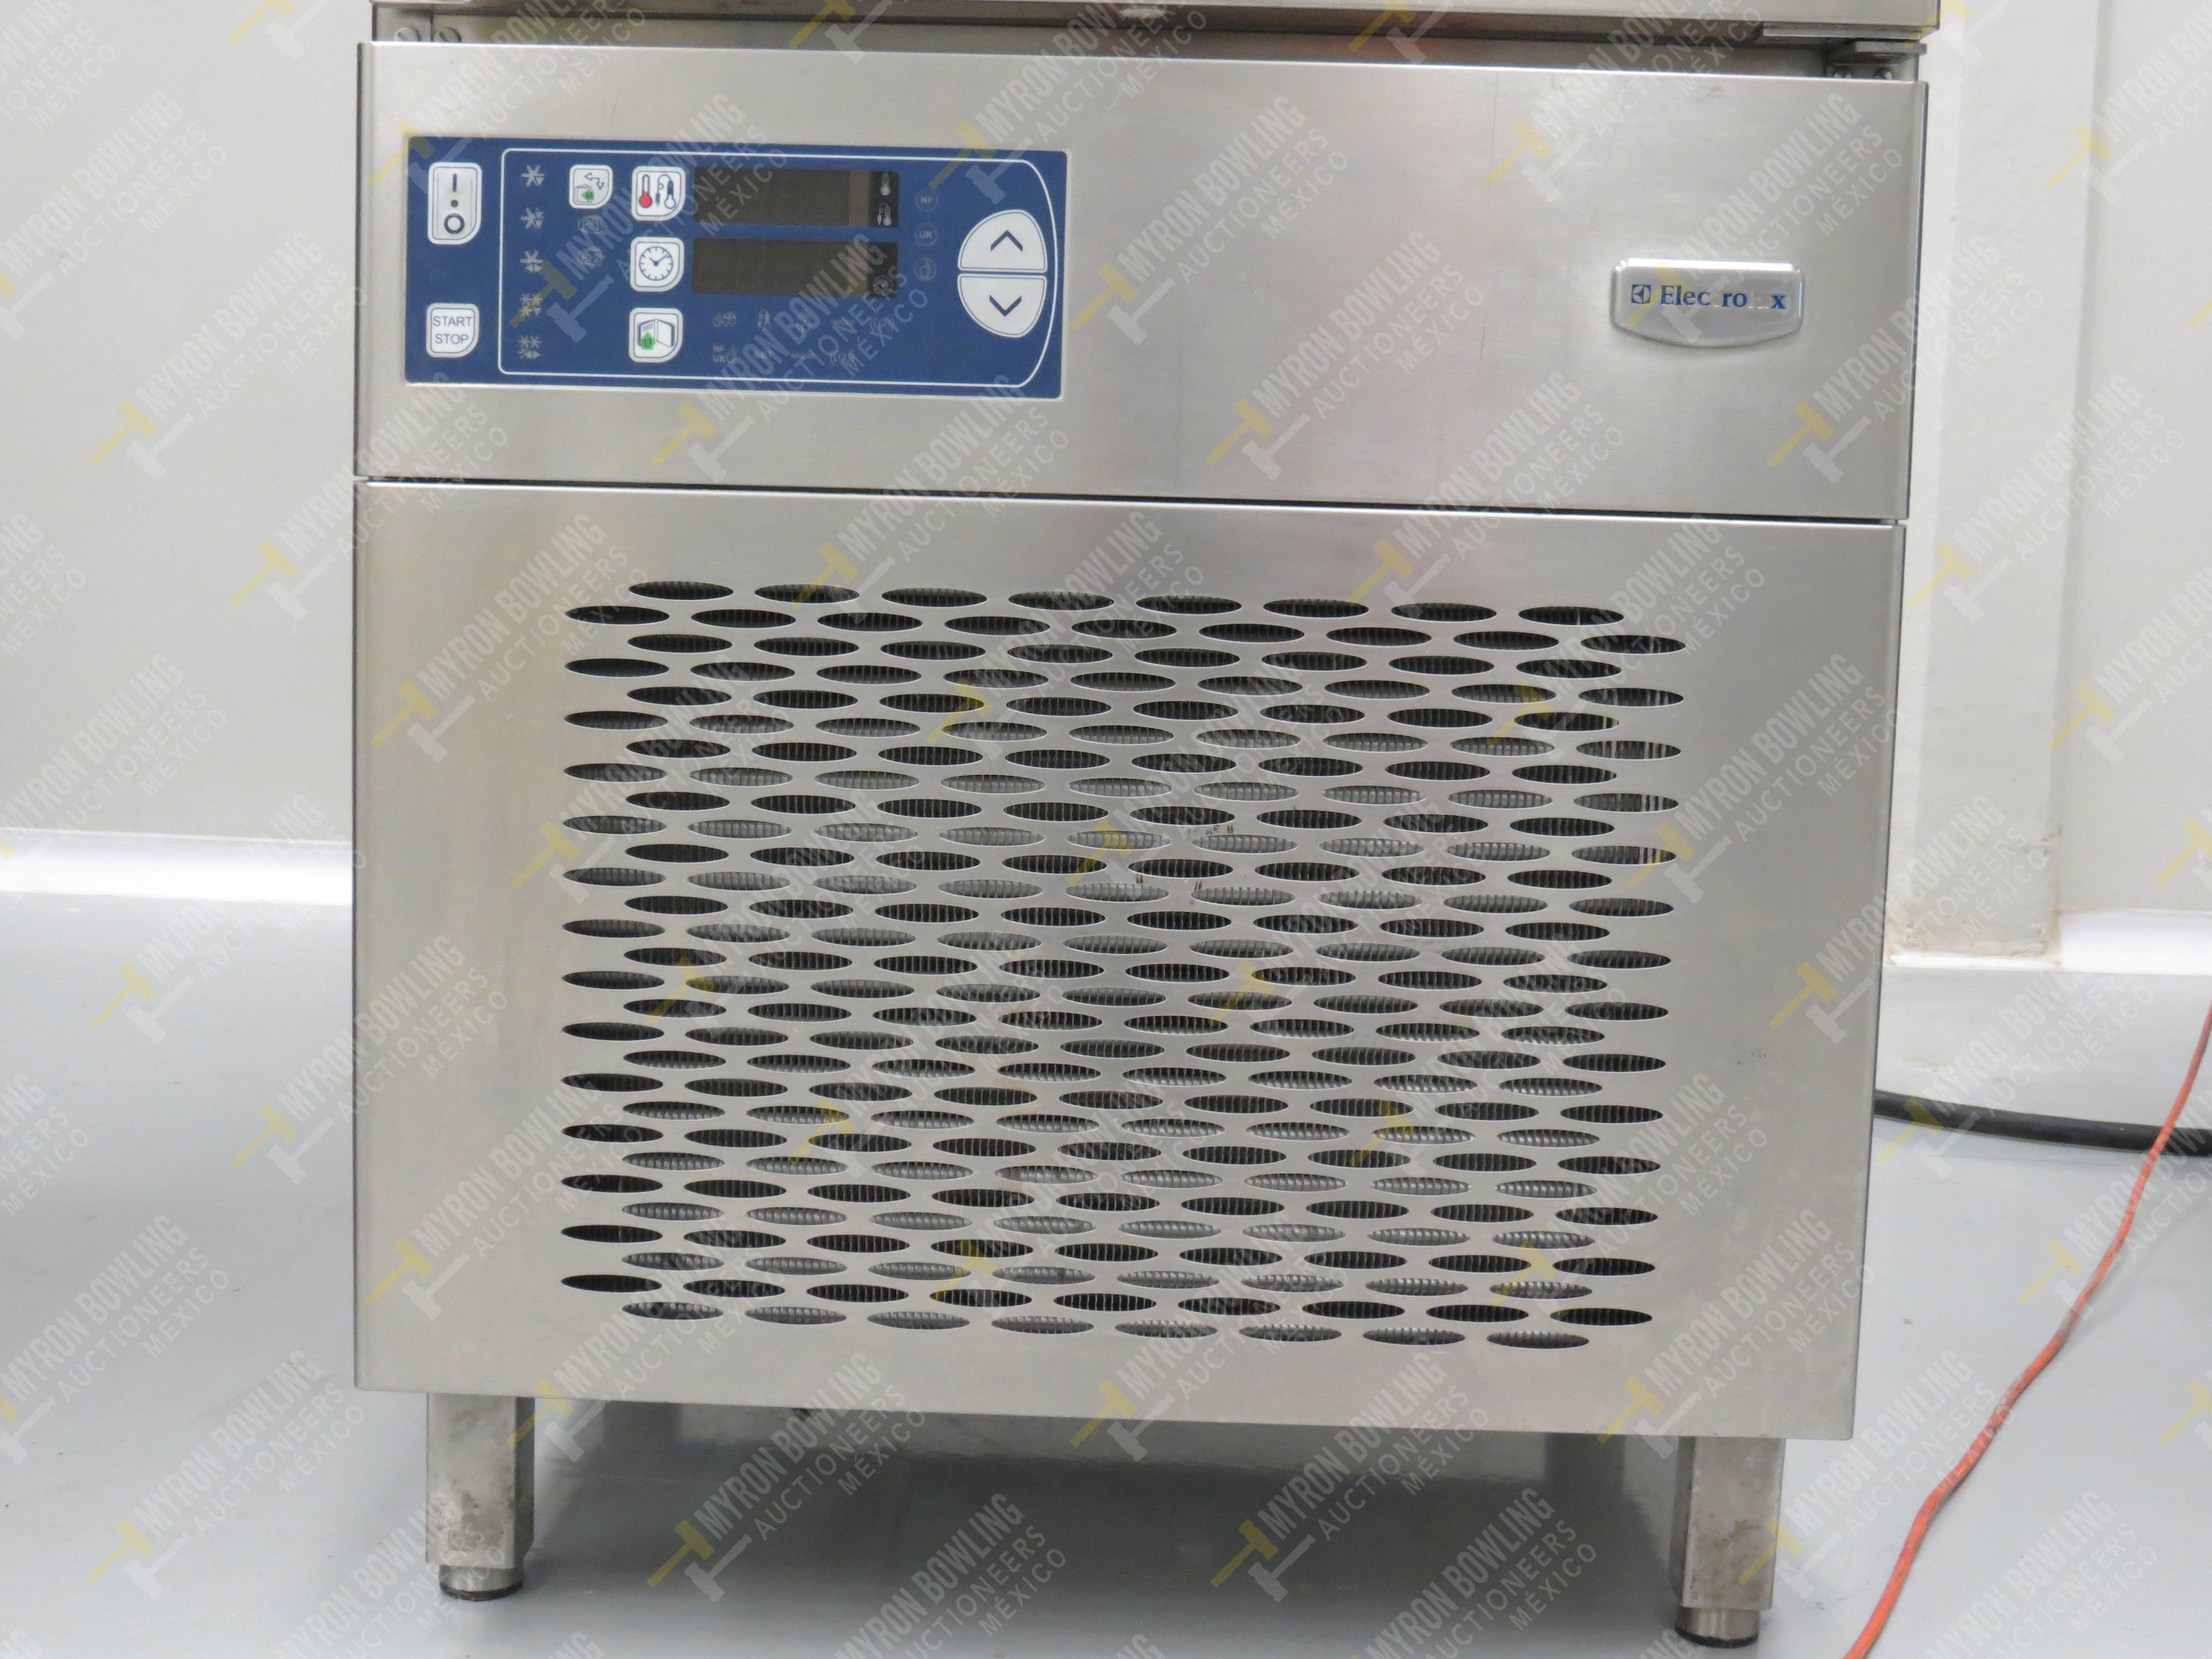 Abatidor de temperatura marca Electrolux - Image 3 of 5